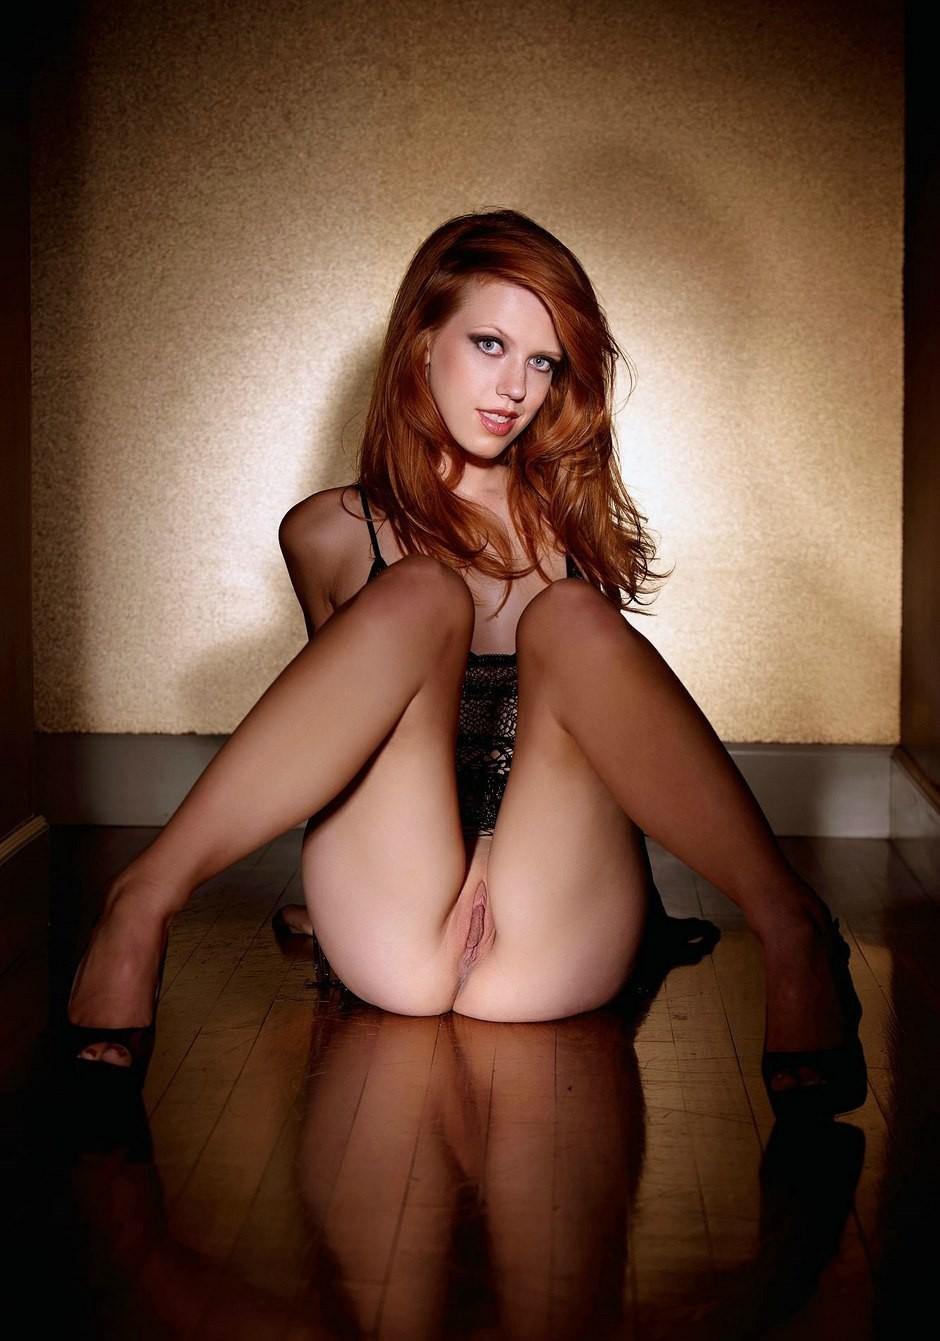 18-19 jährige Hündin - kostenlos Pornobilder - Foto 6185